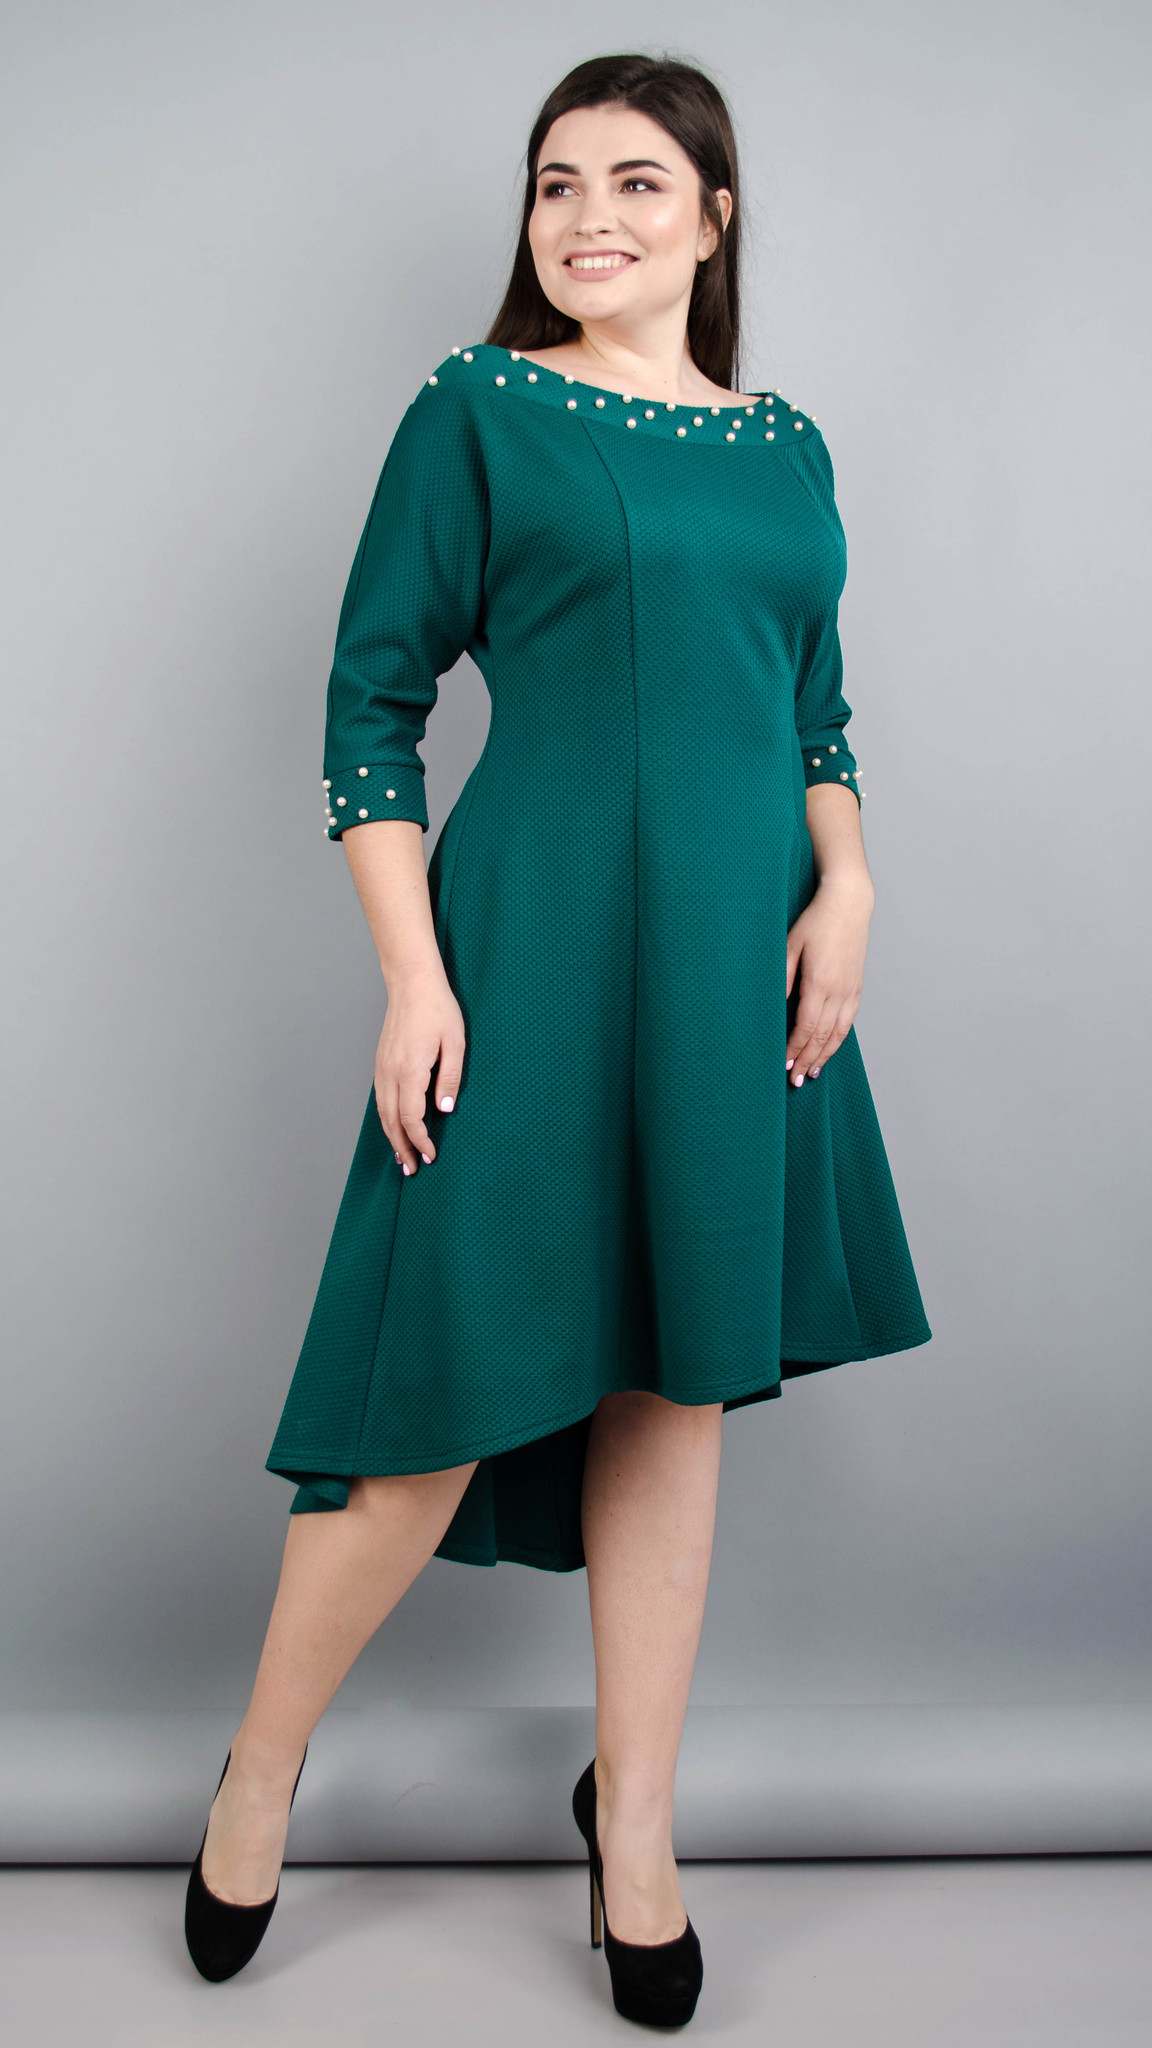 Лейла. Жіноча святкова сукня великих розмірів. Смарагд.